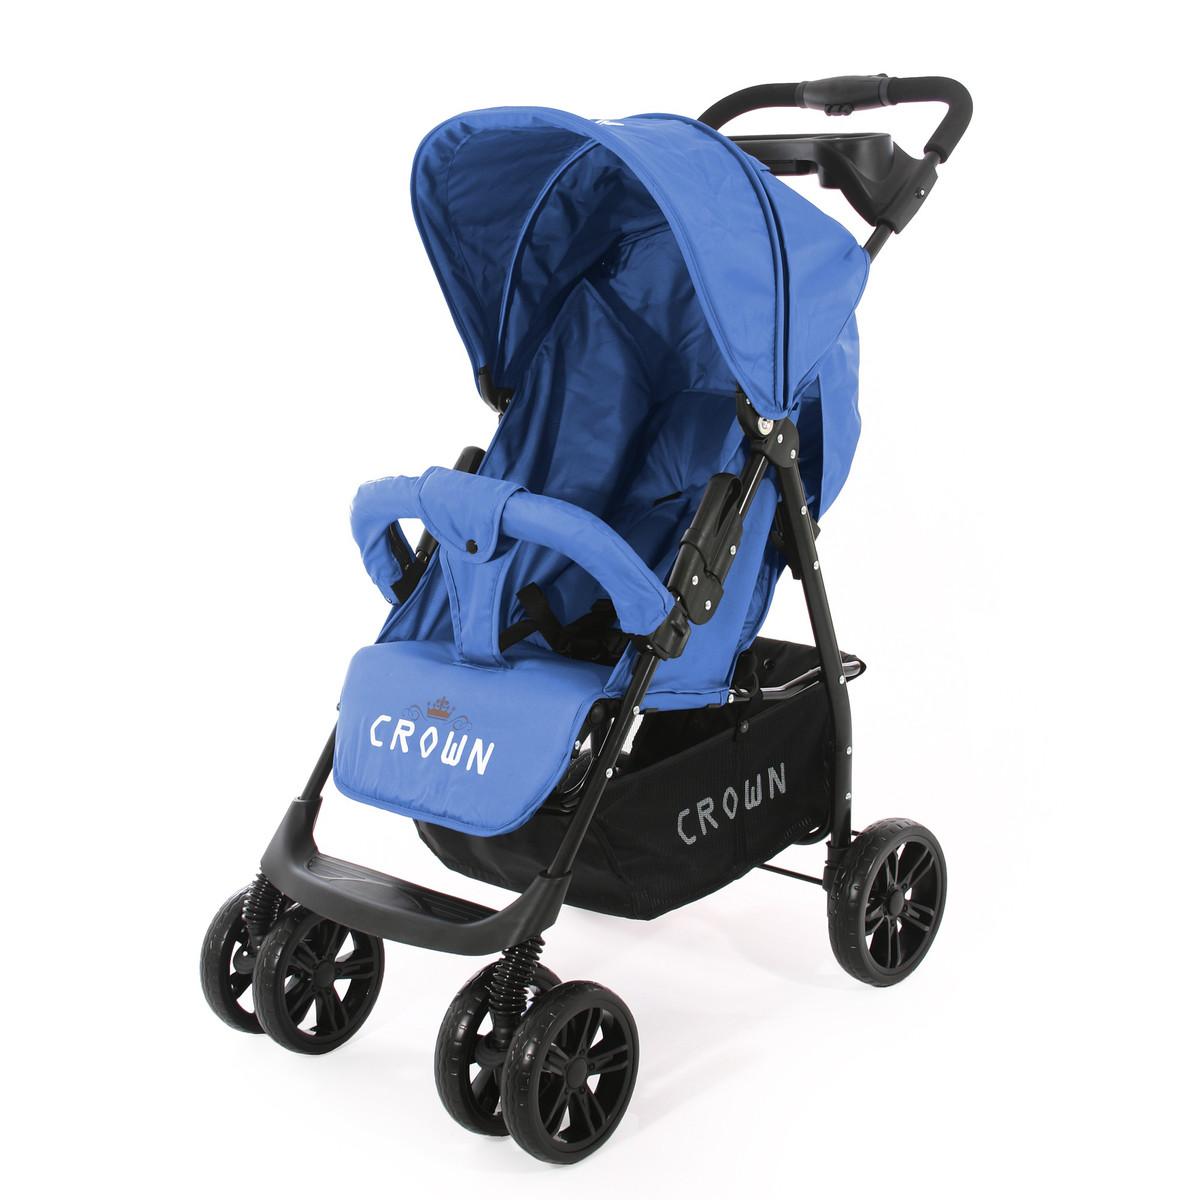 CROWN ST570 Kinderwagen - Sport Buggy Blau